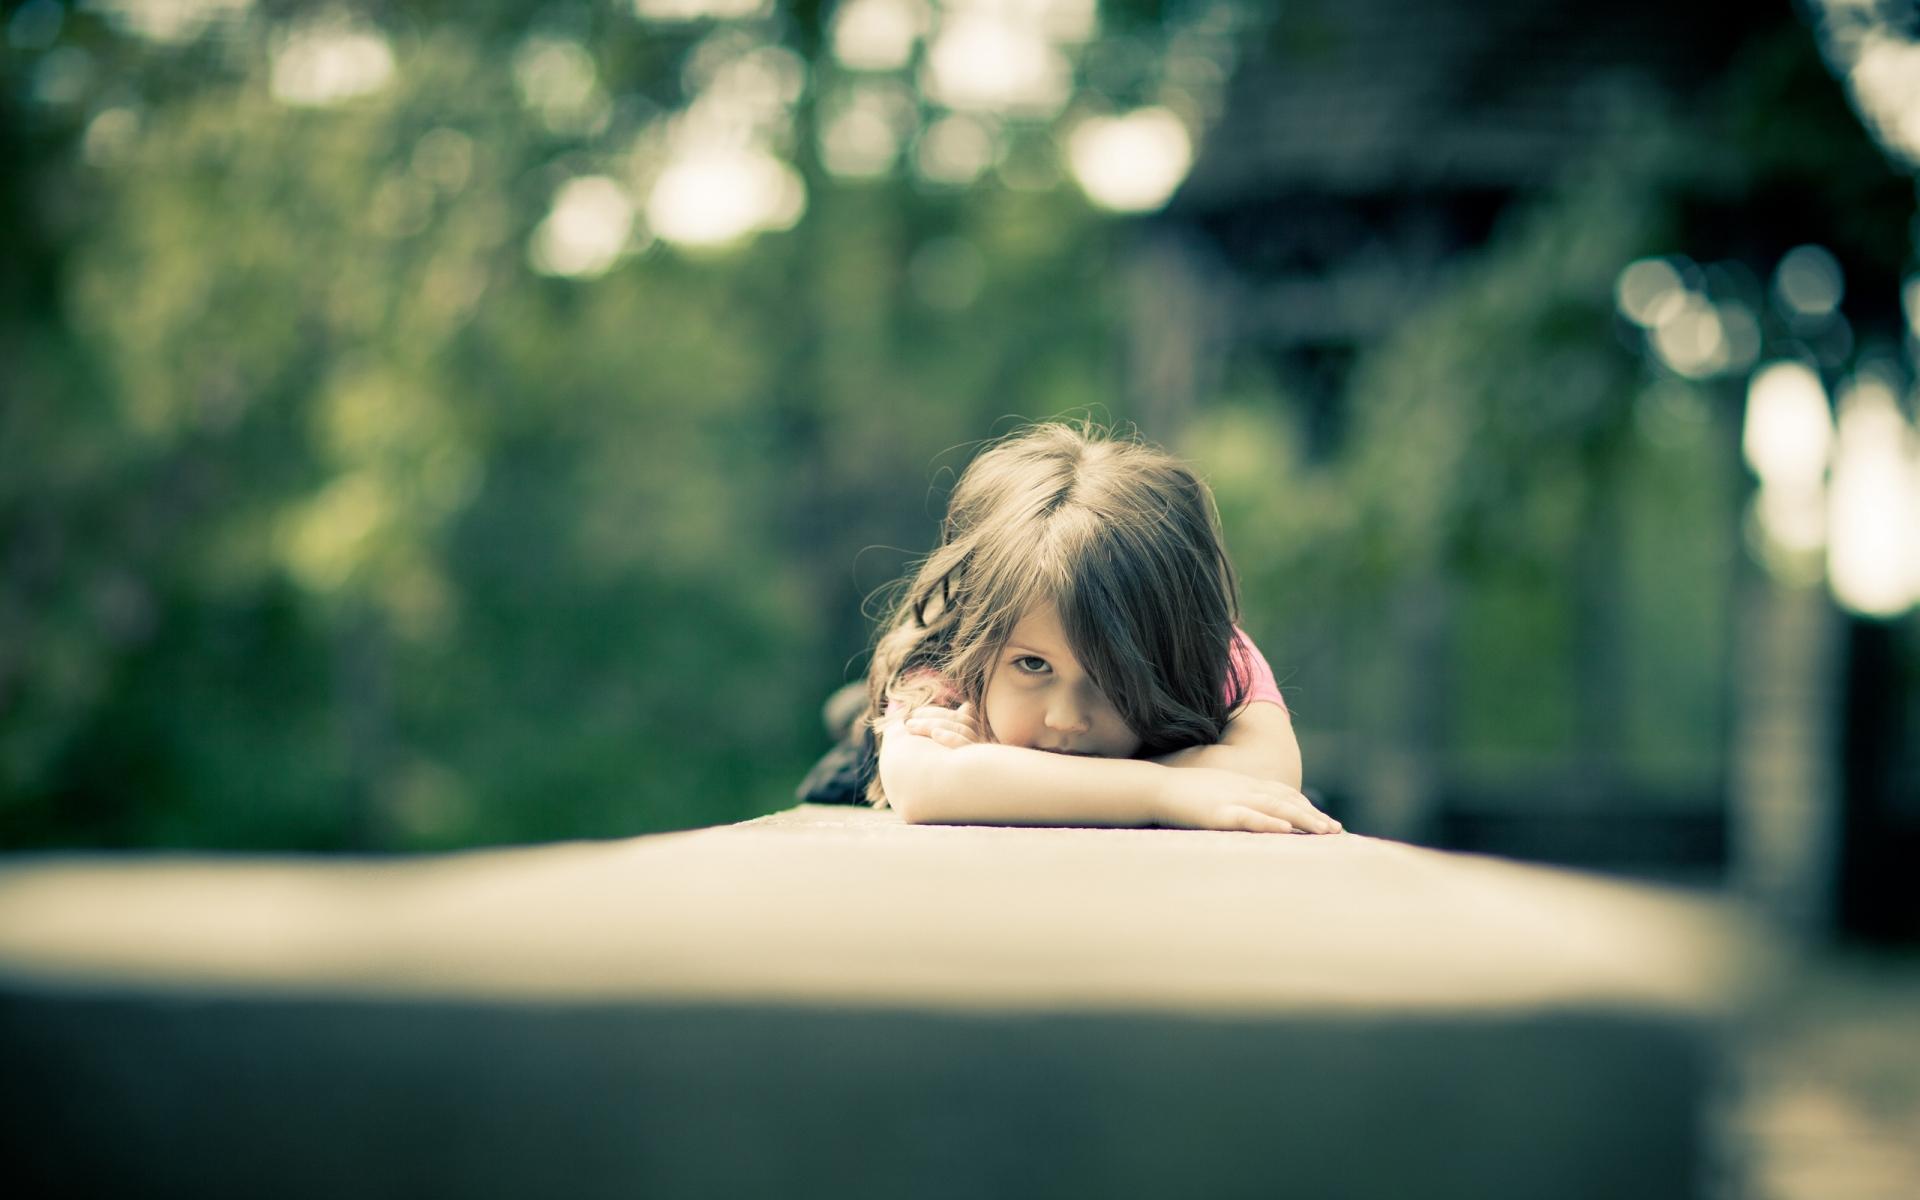 Картинки ребенка, девушка, взгляд, настроение, размытость фото и обои на рабочий стол